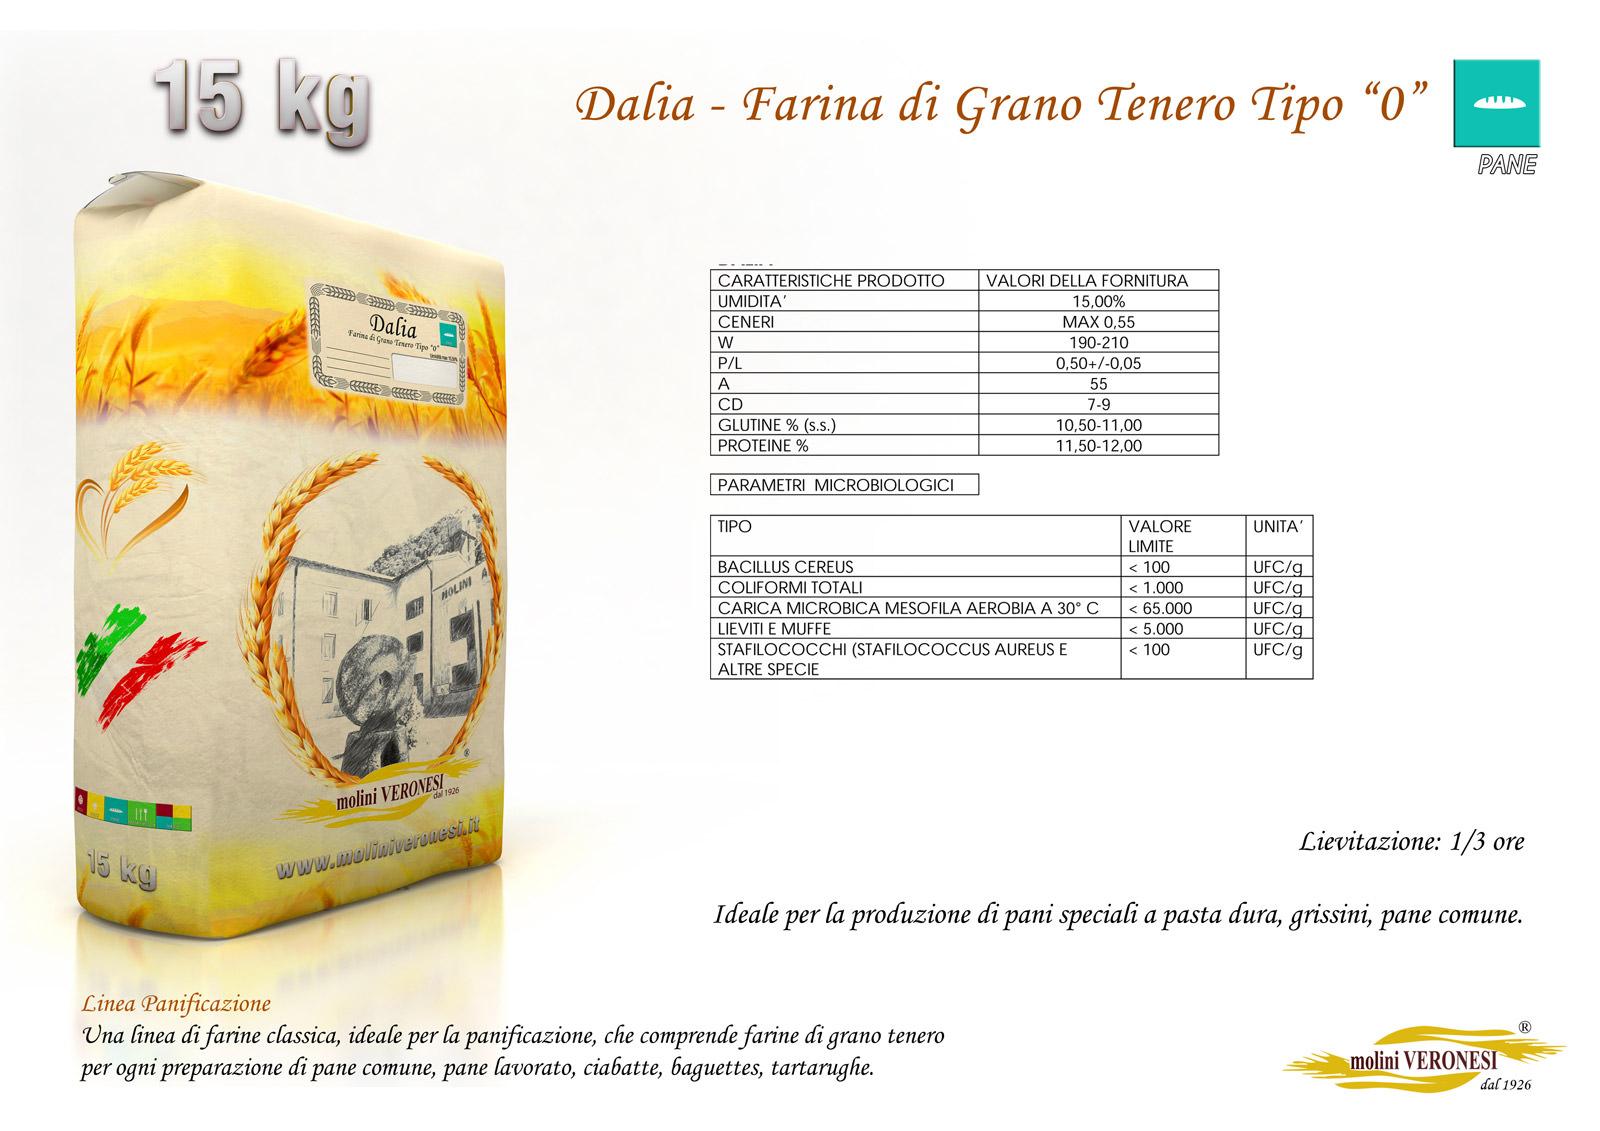 Dalia - Farina di Grano Tenero Tipo 0